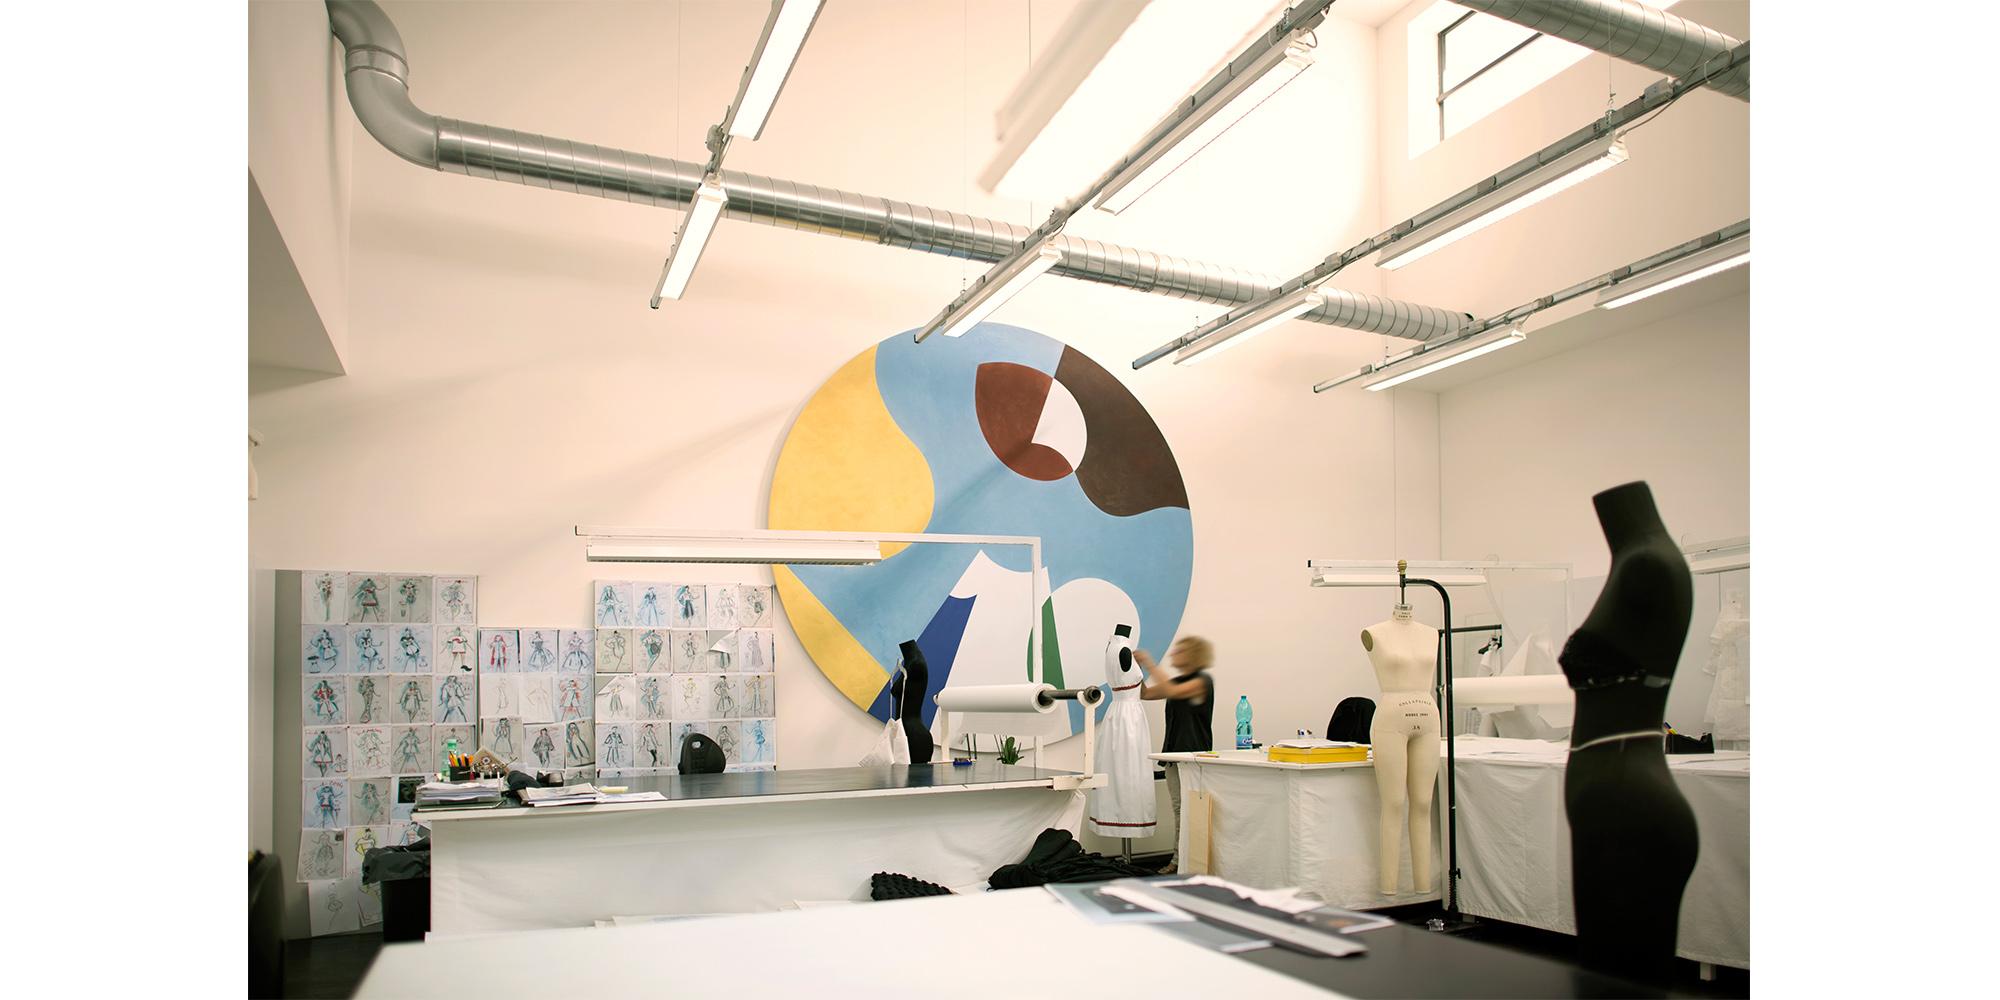 RTW atelier by Emanuele Scorcelletti